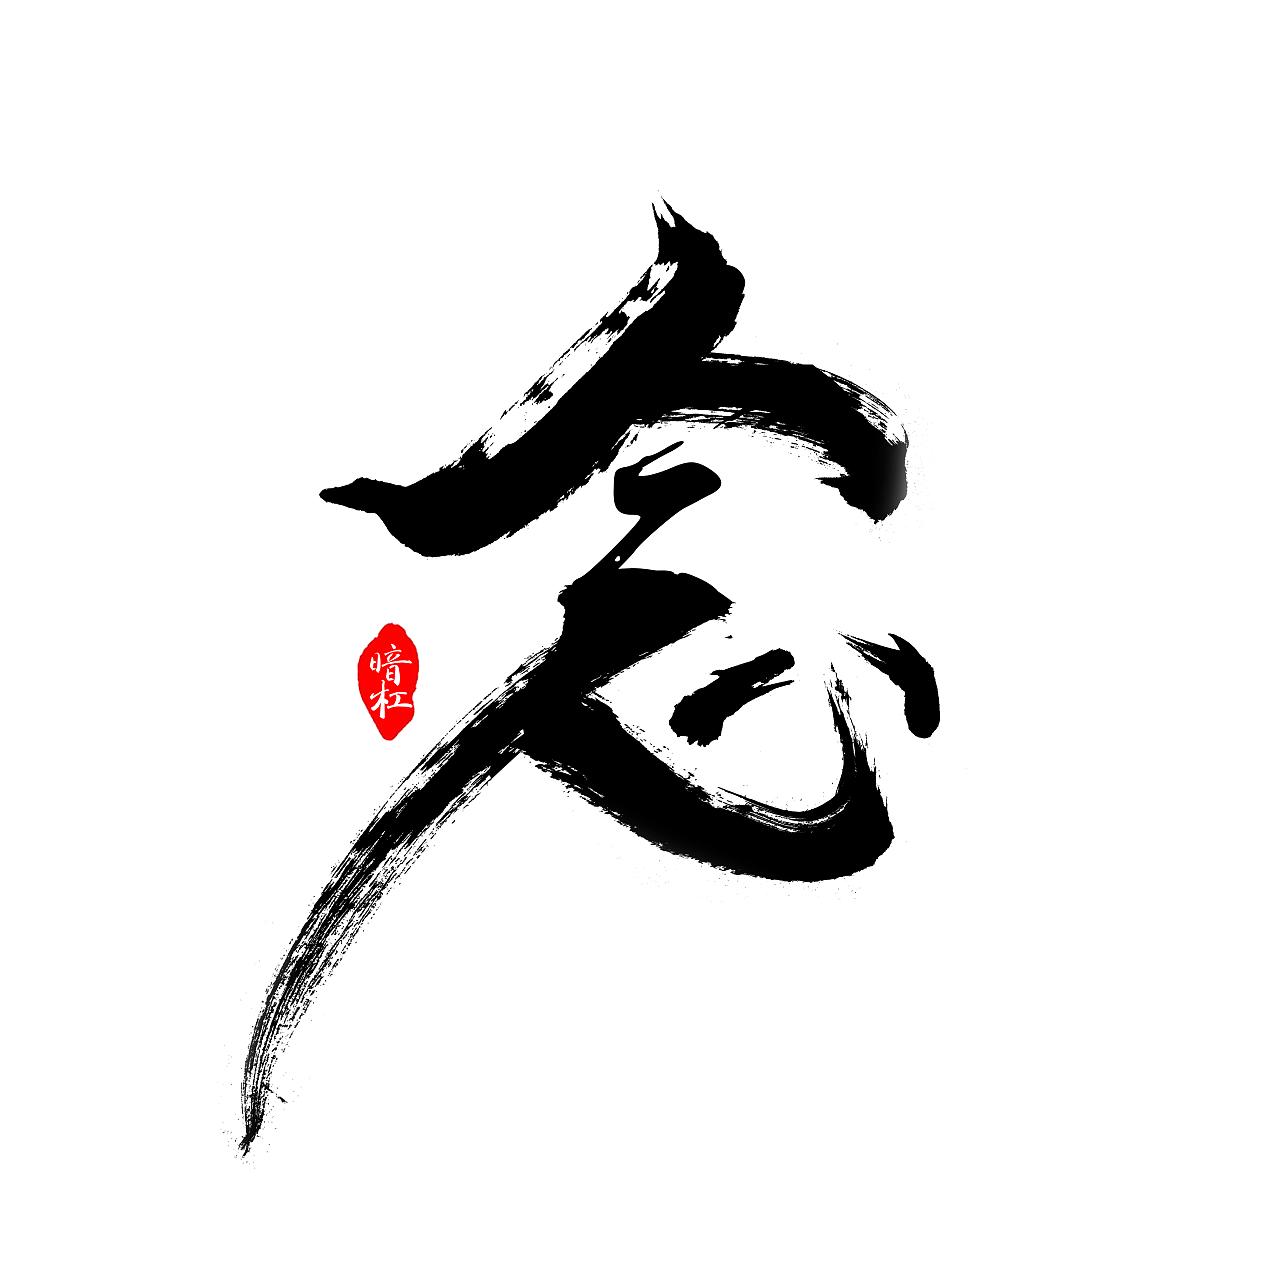 暗杠《念》图案组合 平面 字体 黄轩扬-原创作群化设计标志设计图片